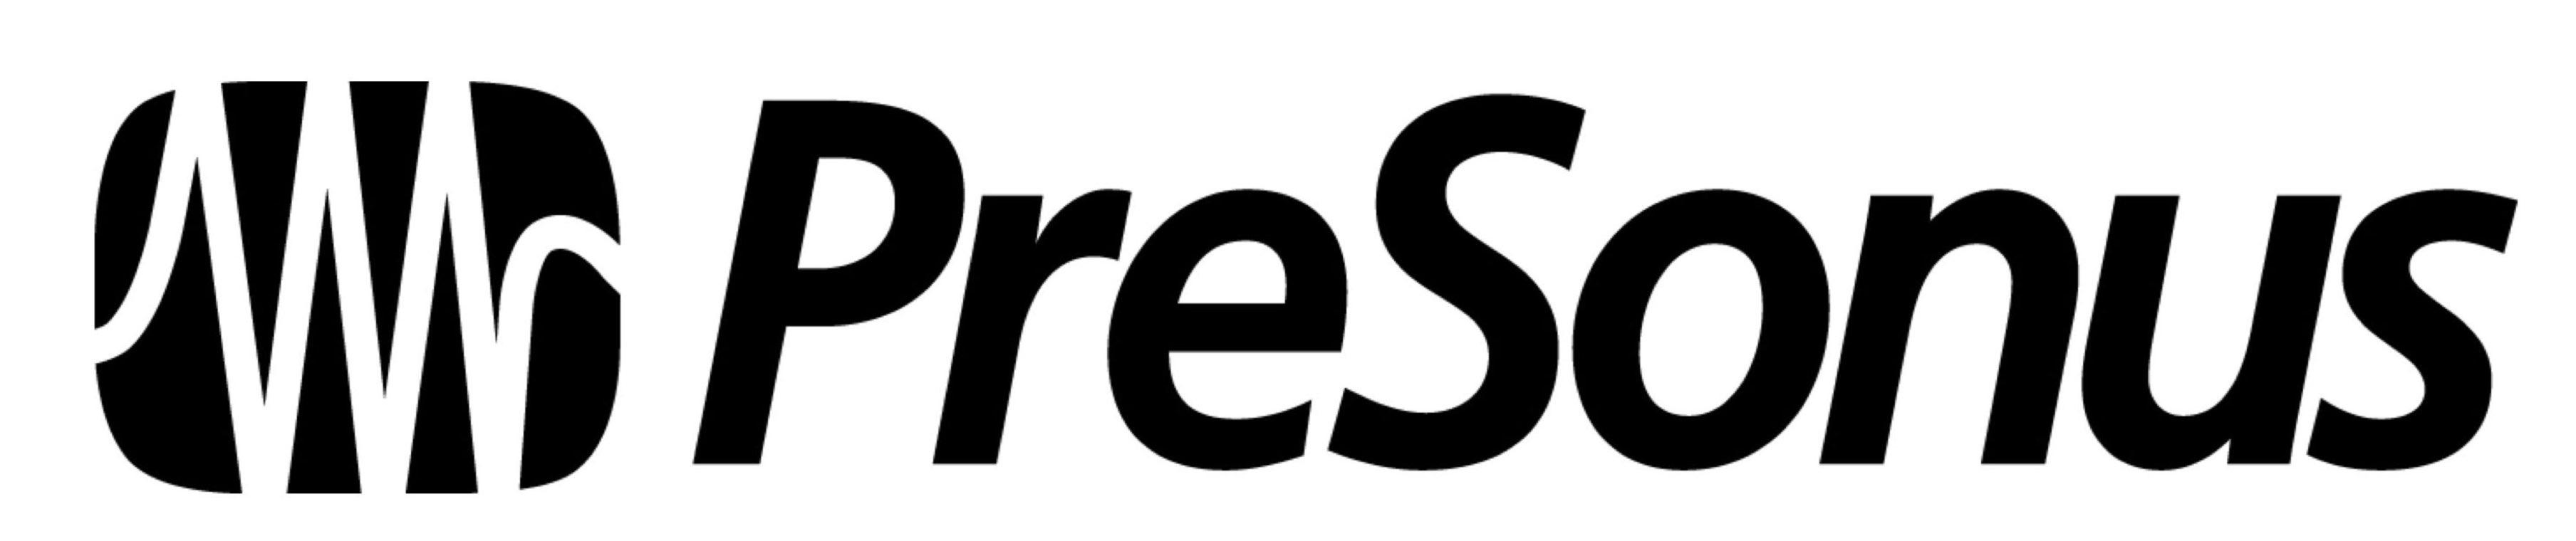 presonus_logo-black